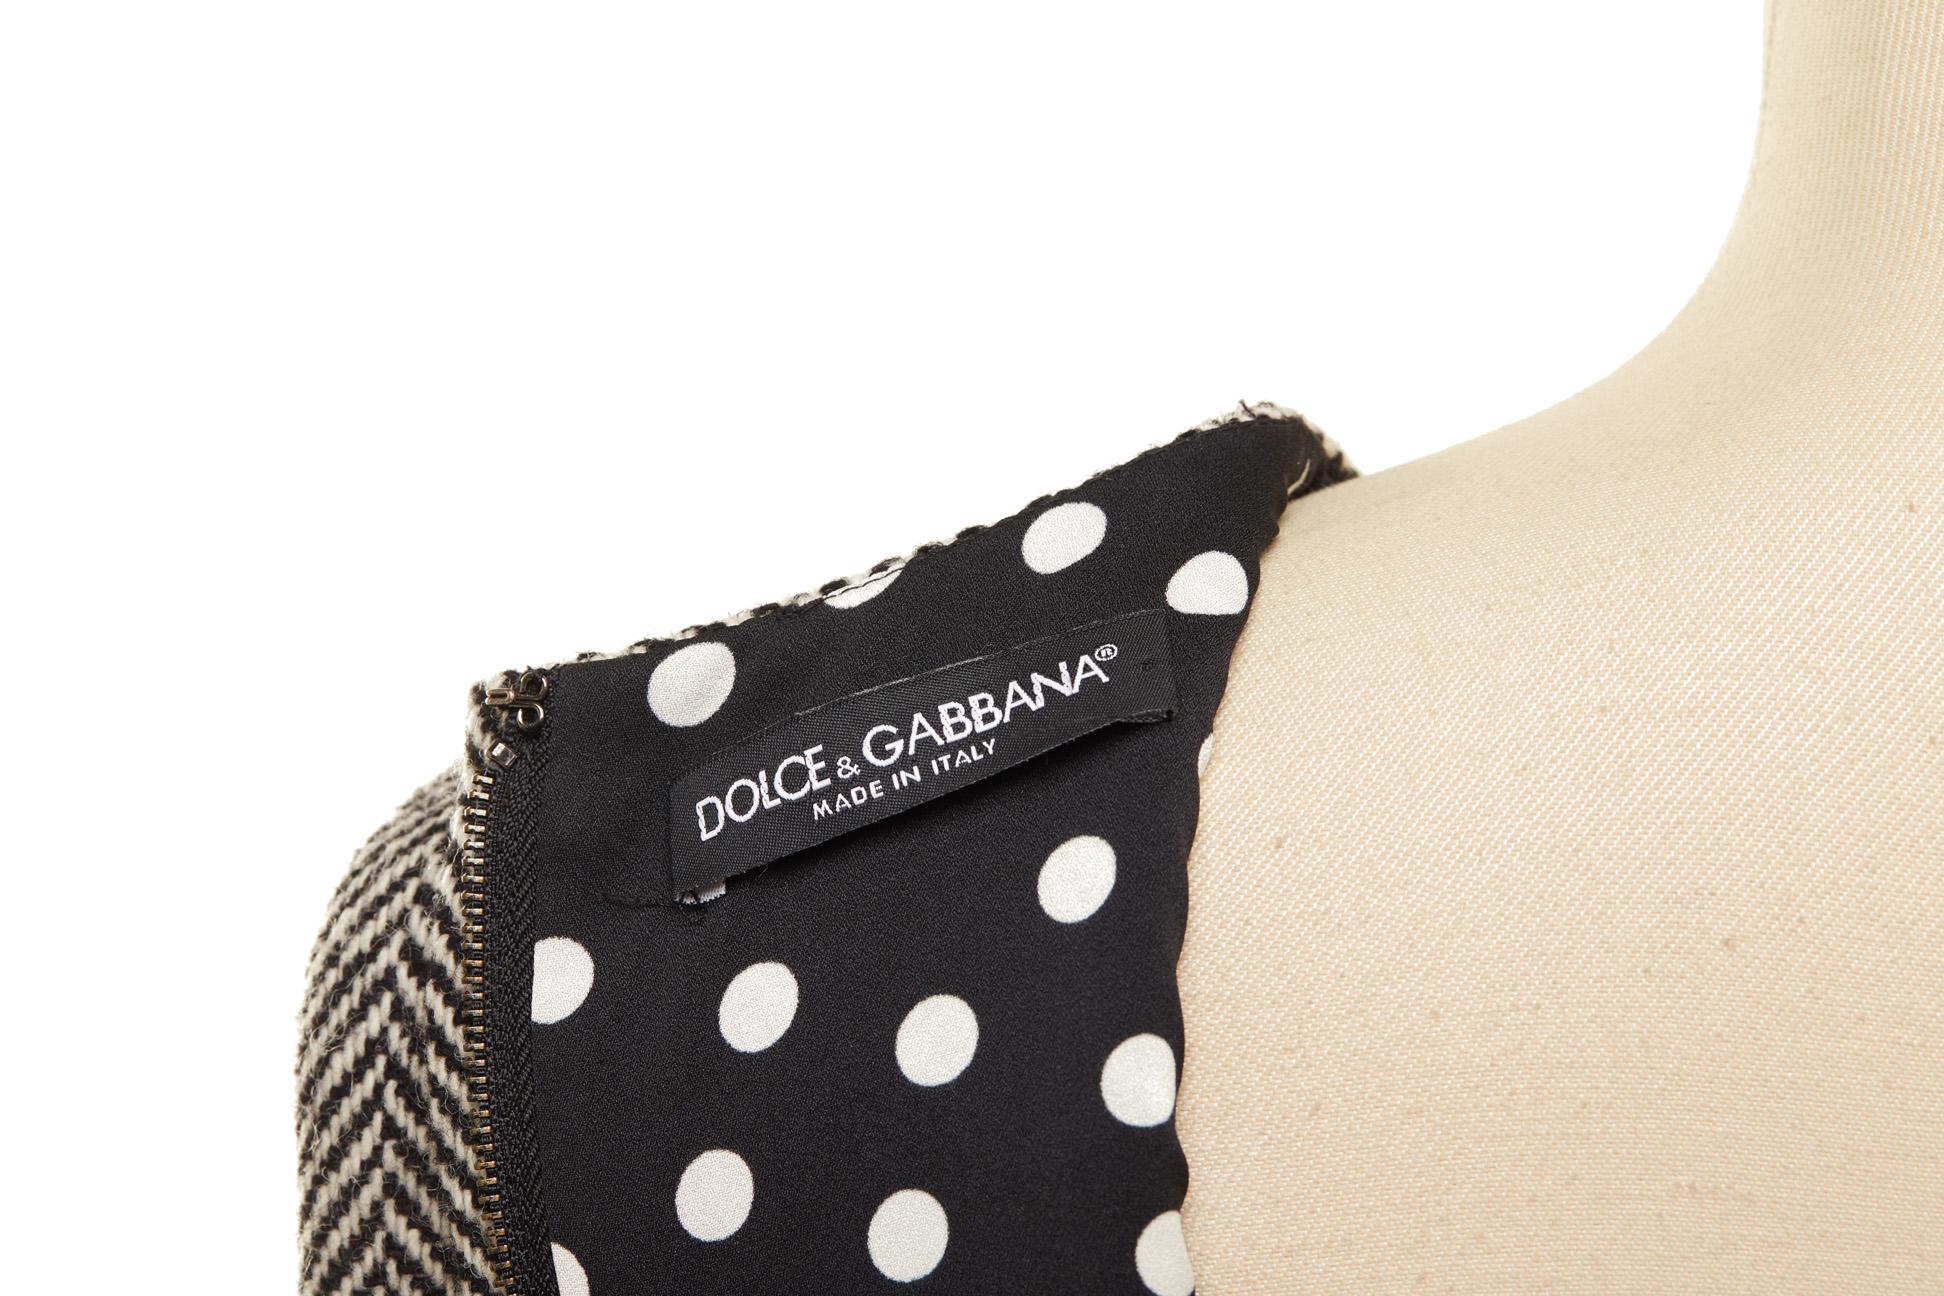 A DOLCE & GABBANA GREY HERRINGBONE TWEED DRESS - Image 3 of 3